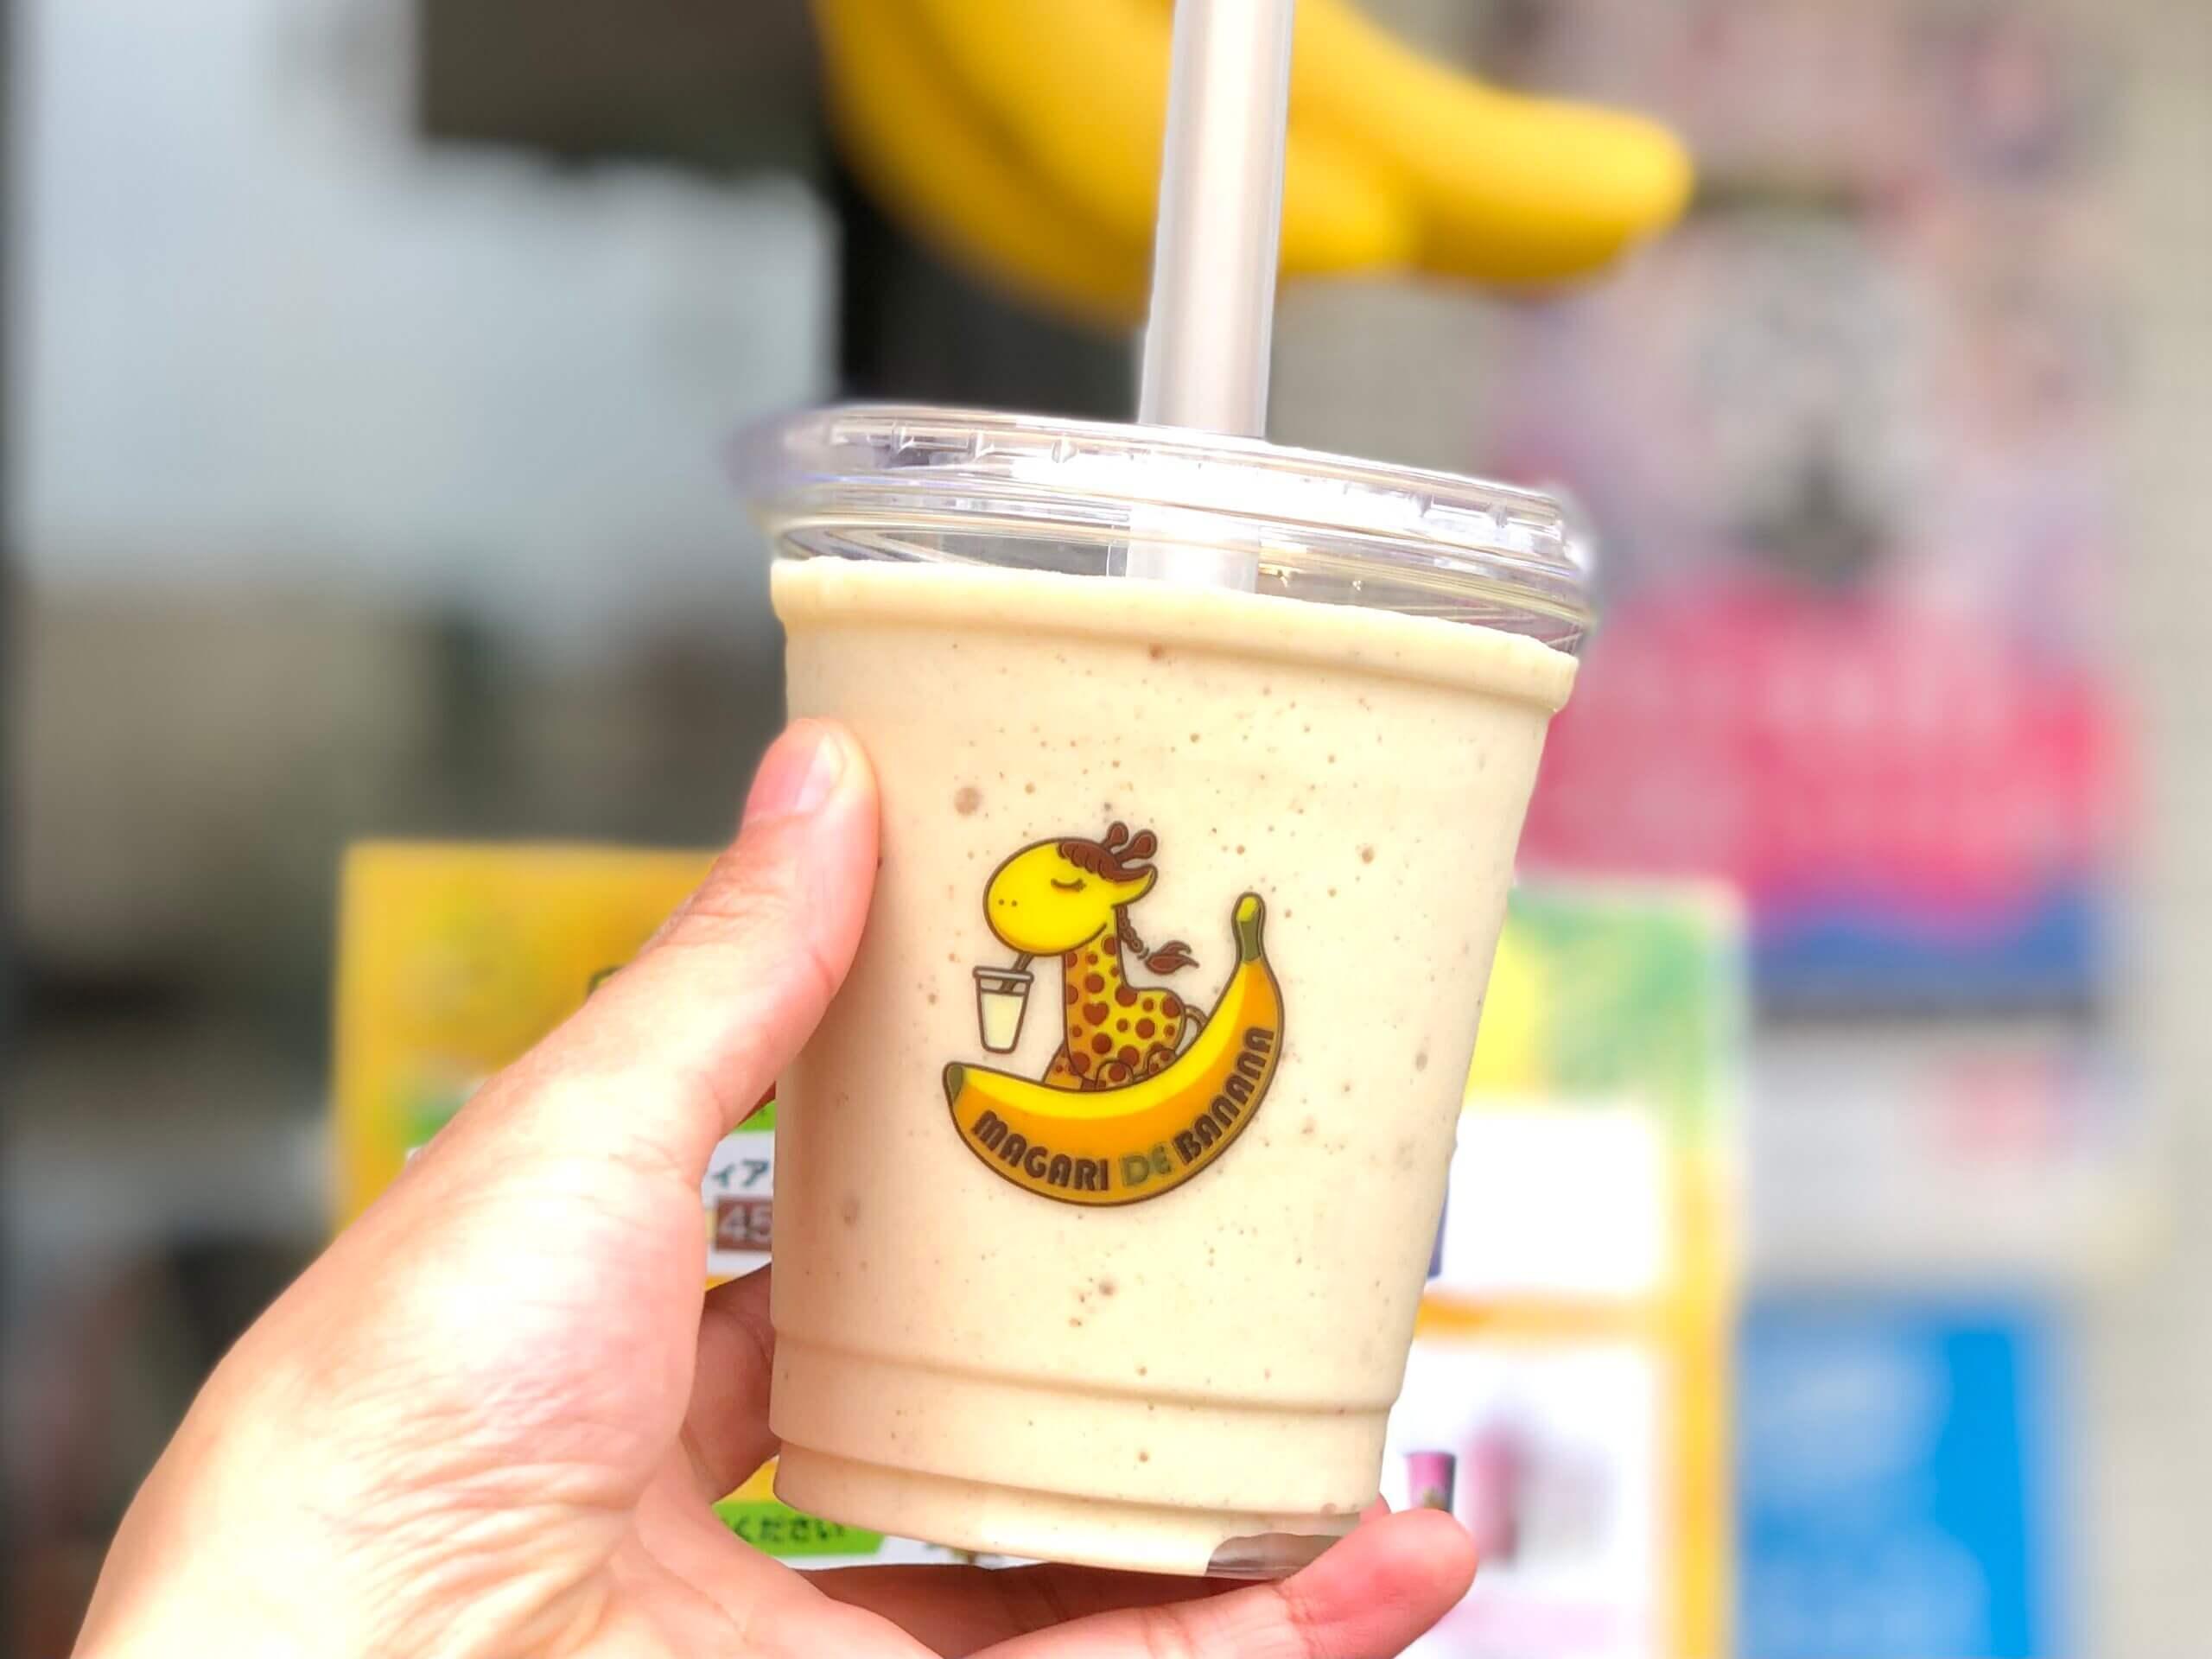 【まがりDEバナナ 熊本光の森店】3/3 NEW OPEN!!毎朝飲みたい、濃厚すぎるバナナジュース《菊池郡菊陽町光の森》